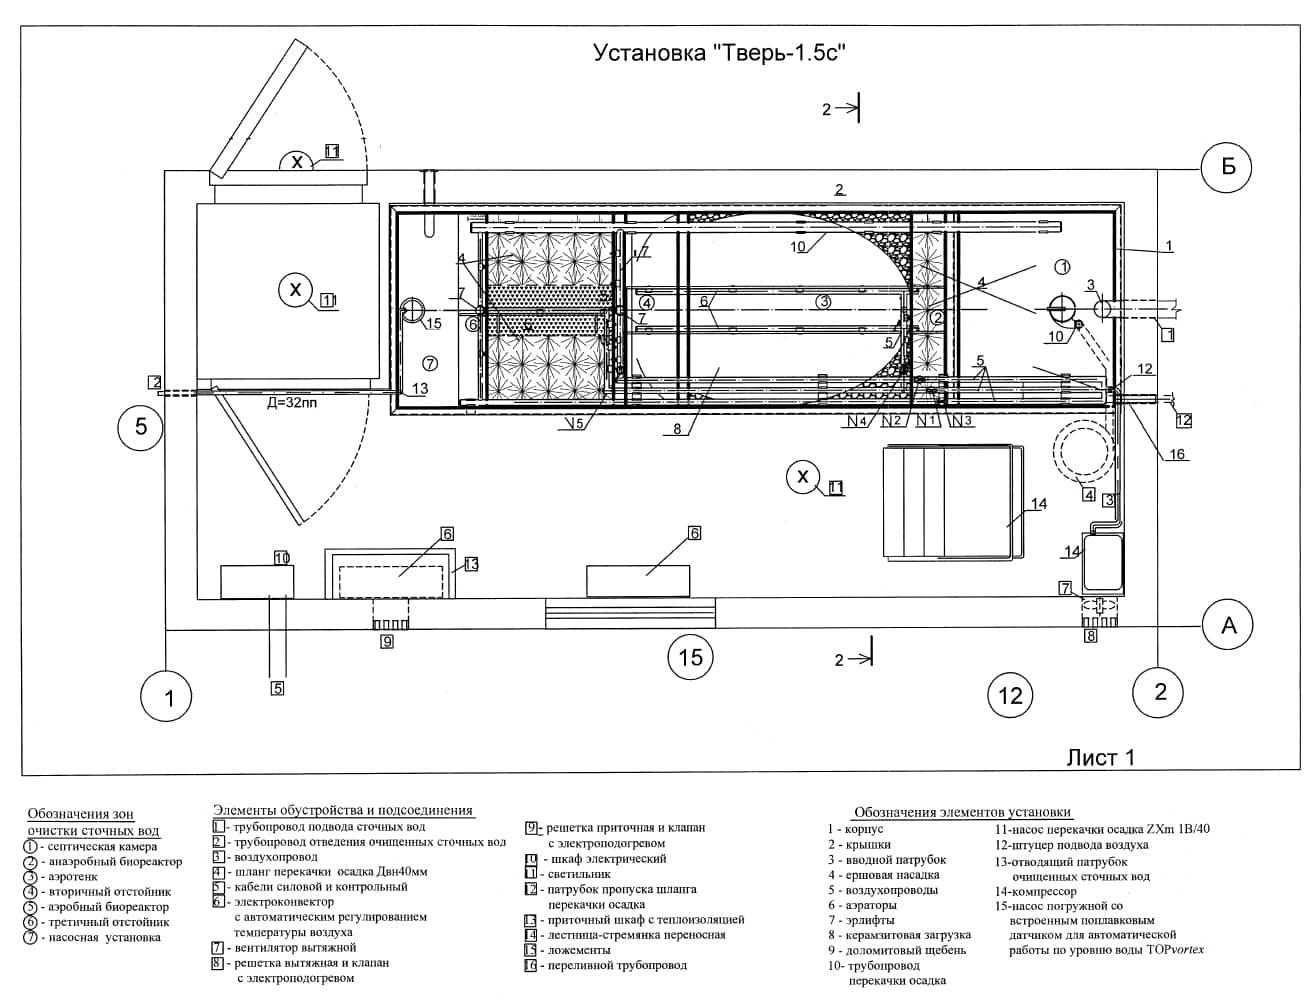 Очистное сооружение Тверь-1,5С